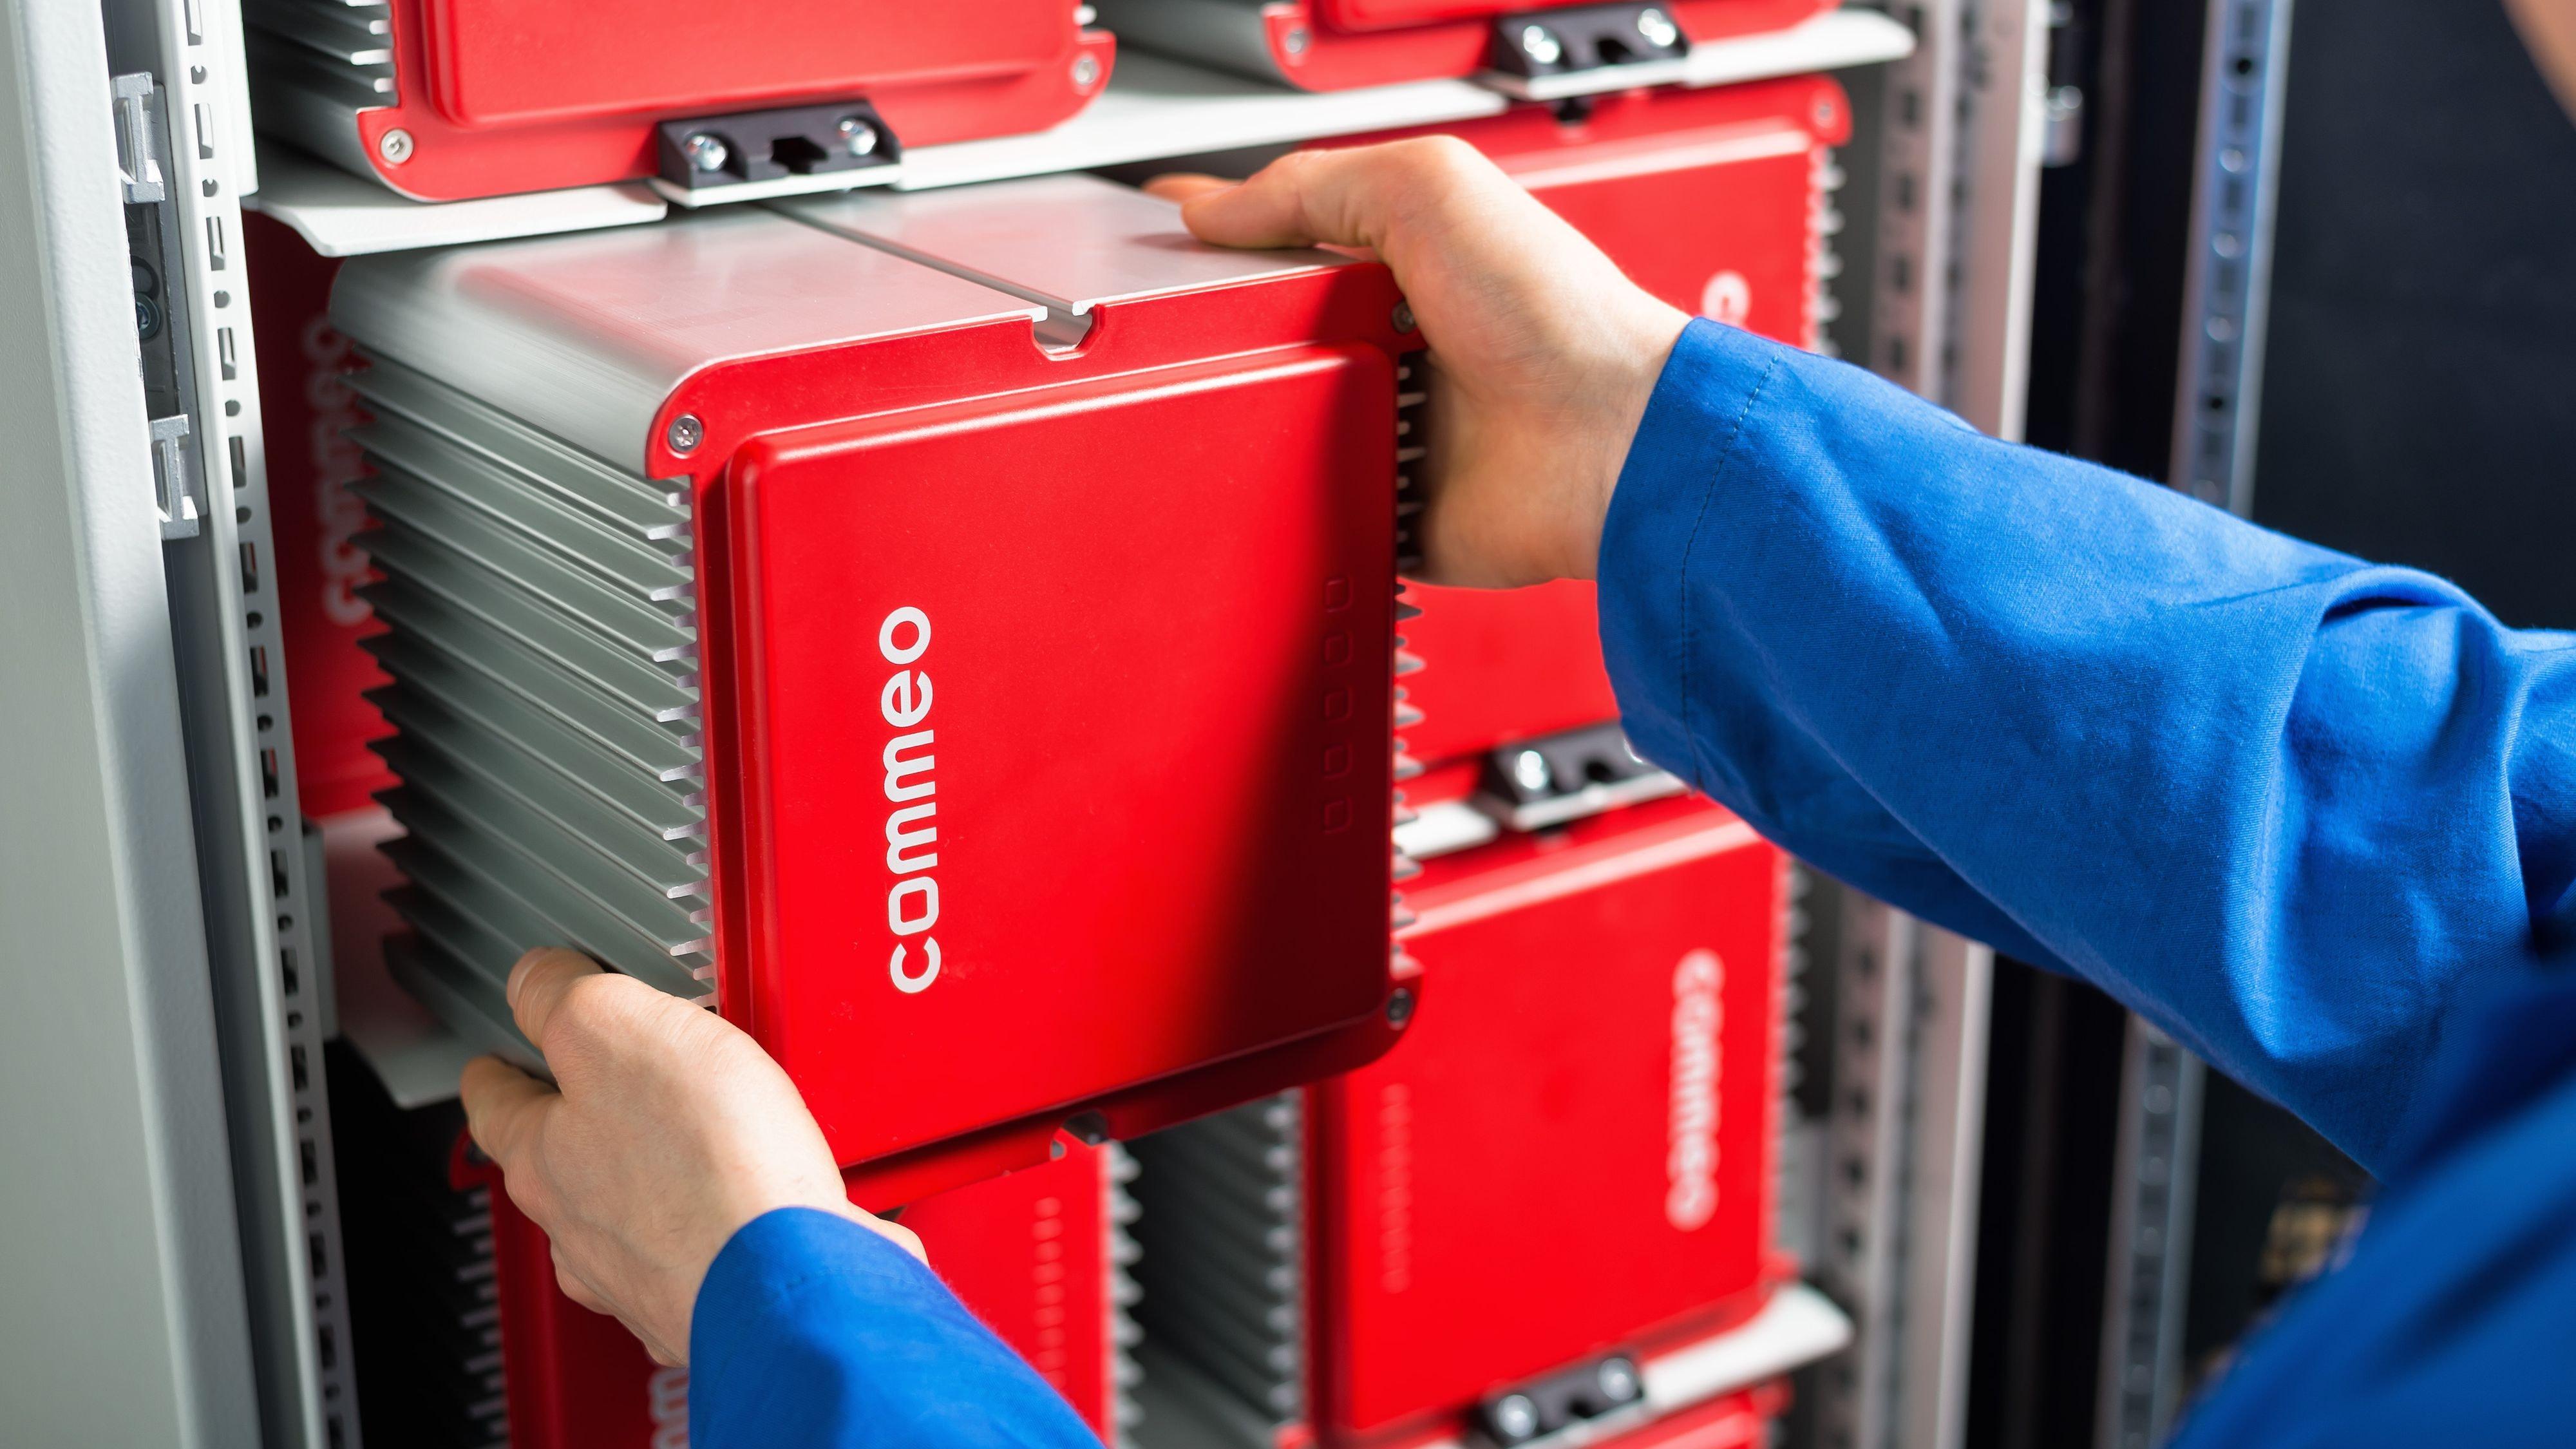 Unterschiedliche Zelltypen und modular: Der Aufbau der Batteriespeicher ermöglicht angepasste Konfiguration. Foto: Commeo